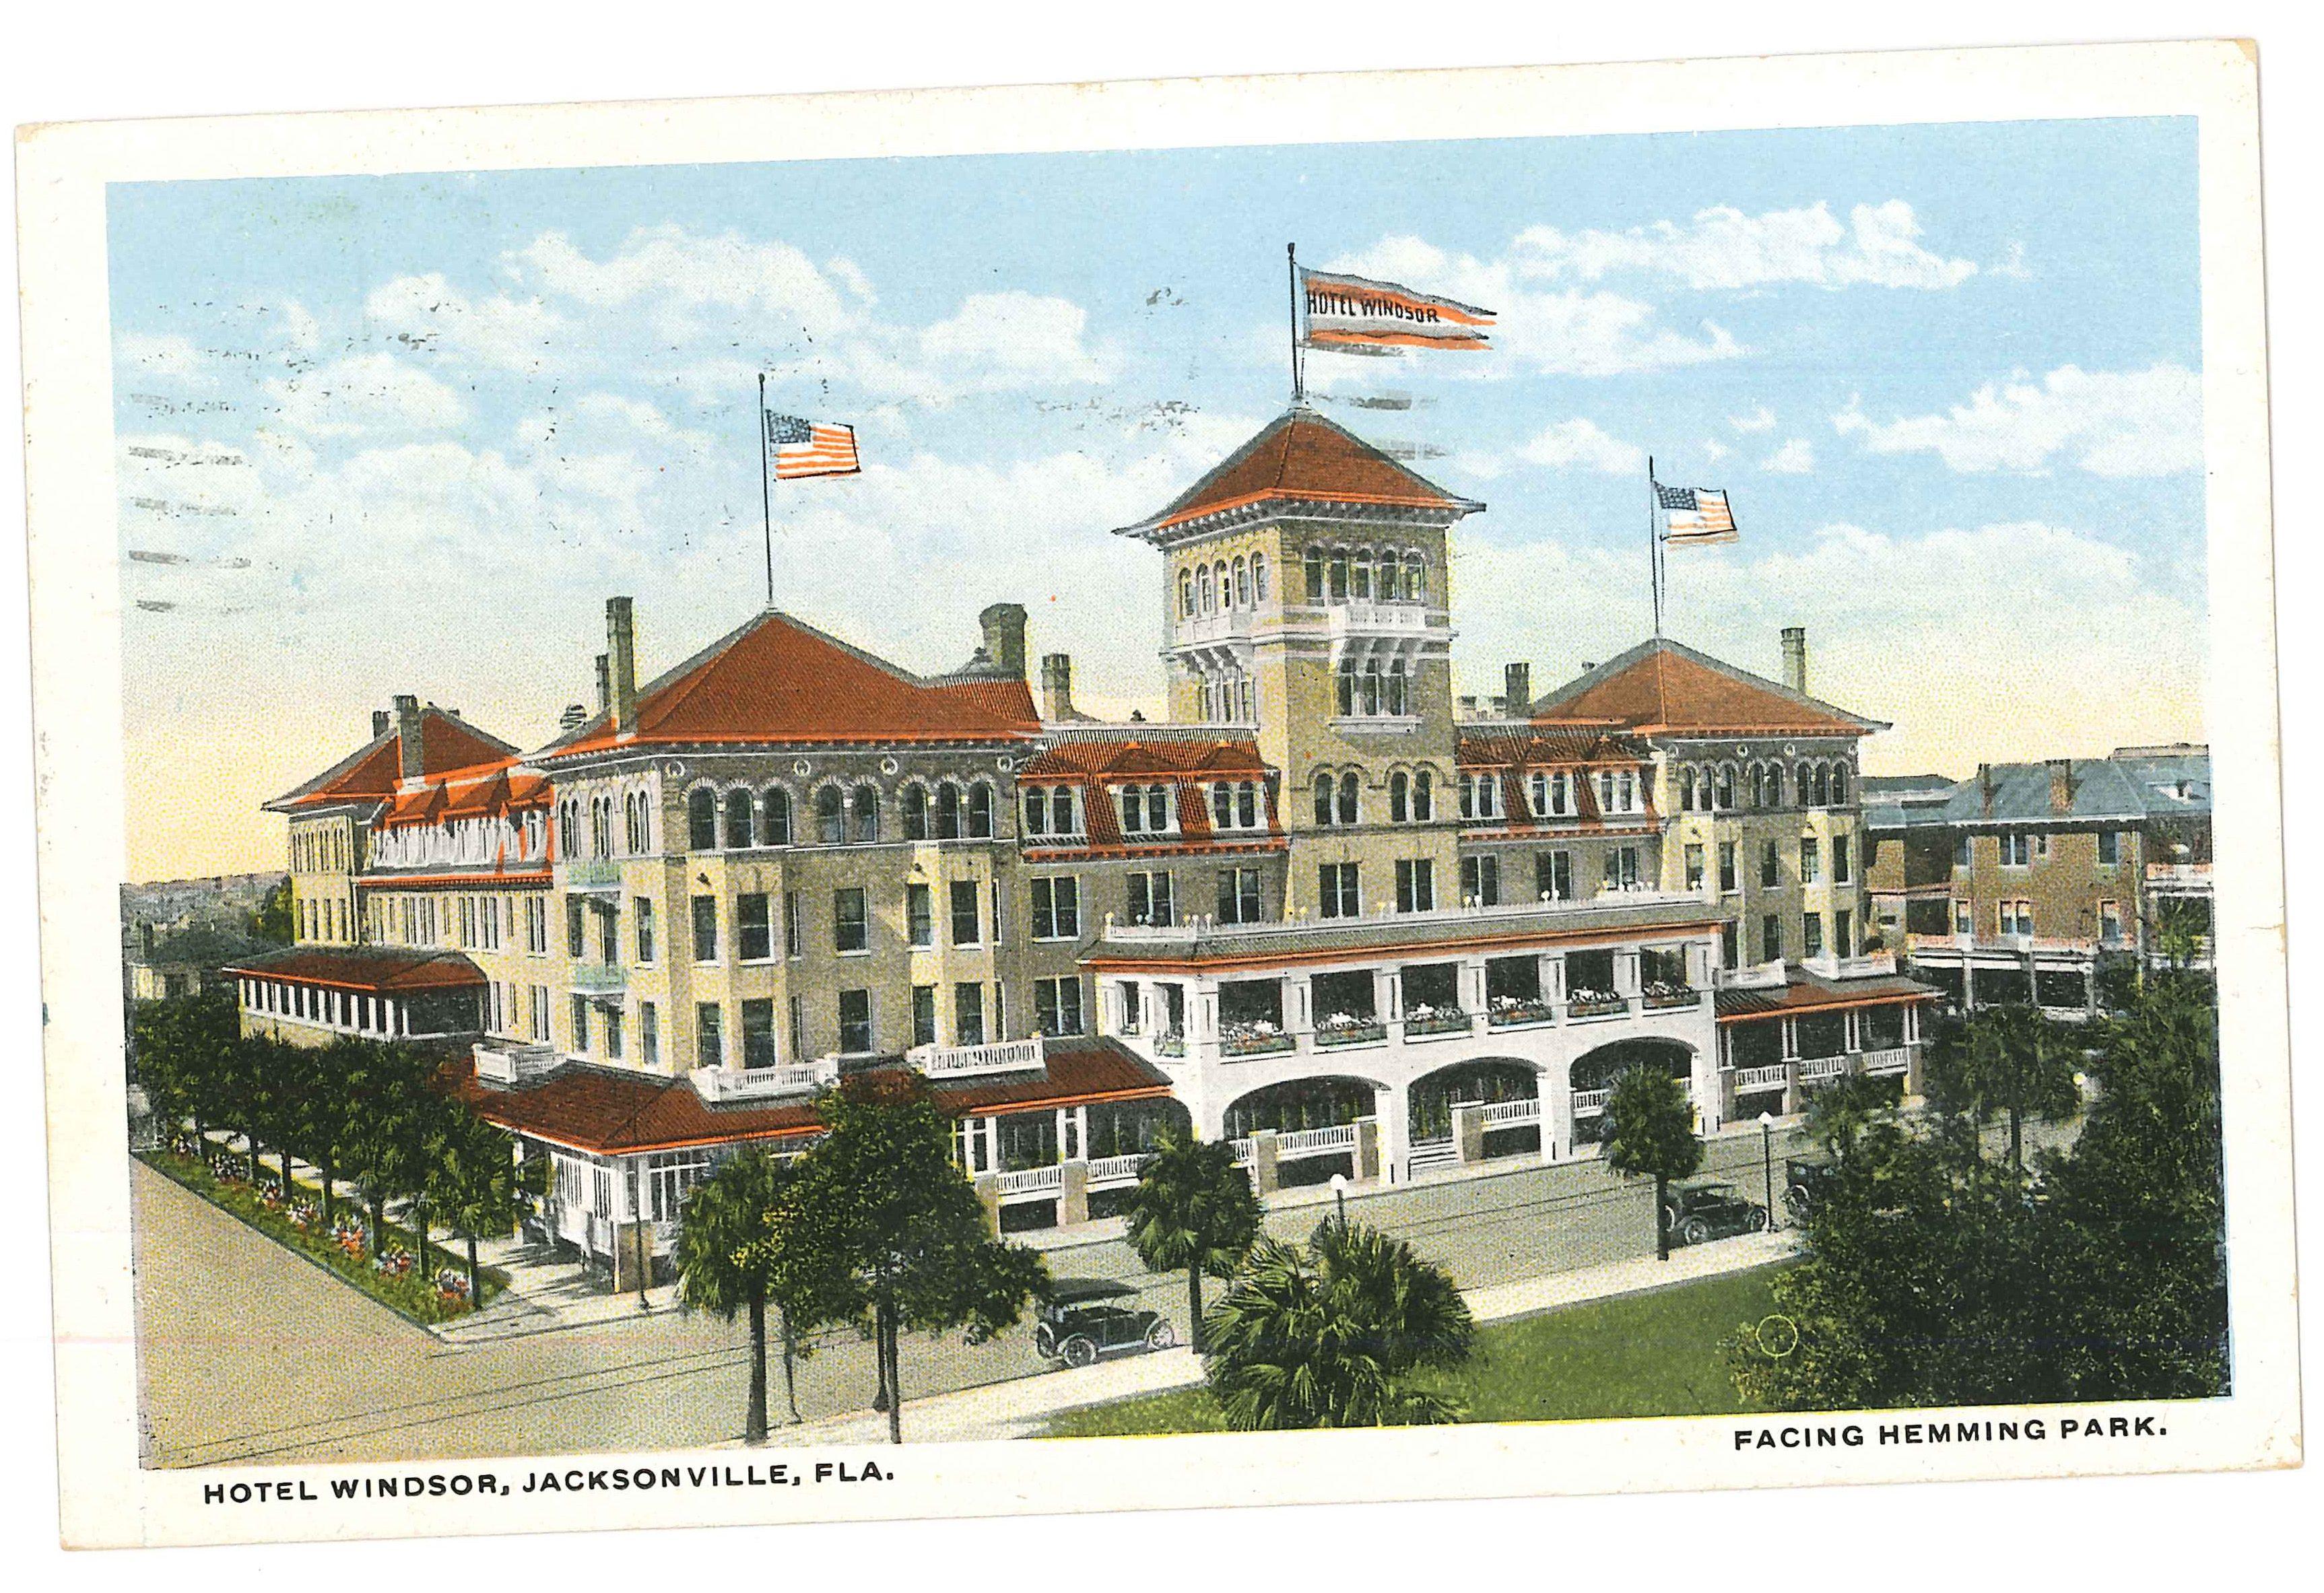 Hotel Windsor Jax, FL Hotel, Jacksonville fla, Jacksonville